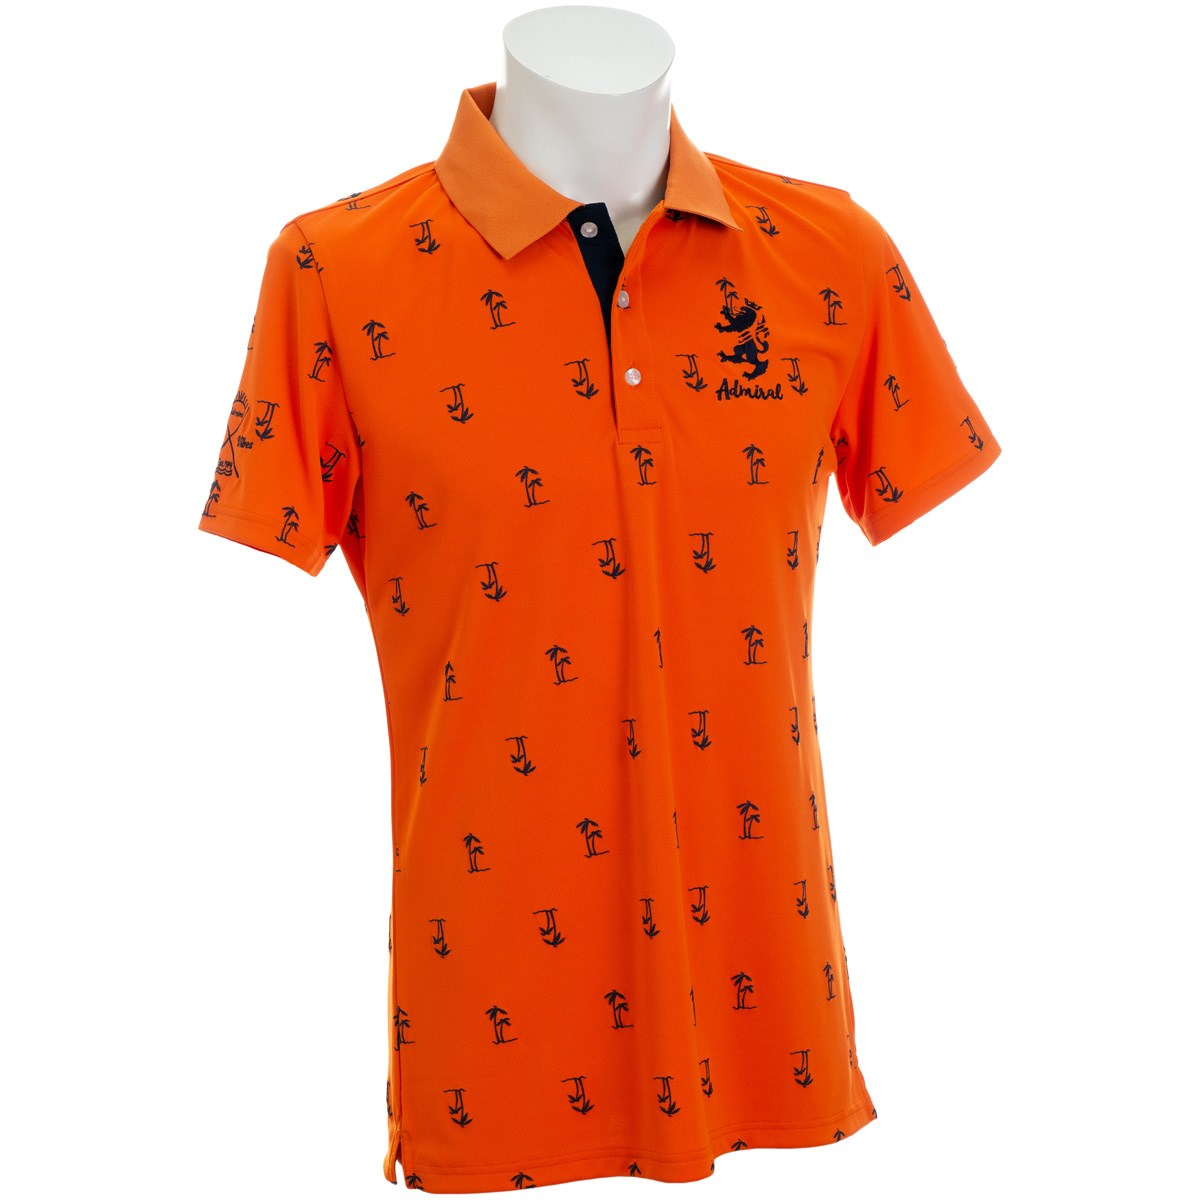 アドミラル ヤシノキ柄プリント 半袖ポロシャツ